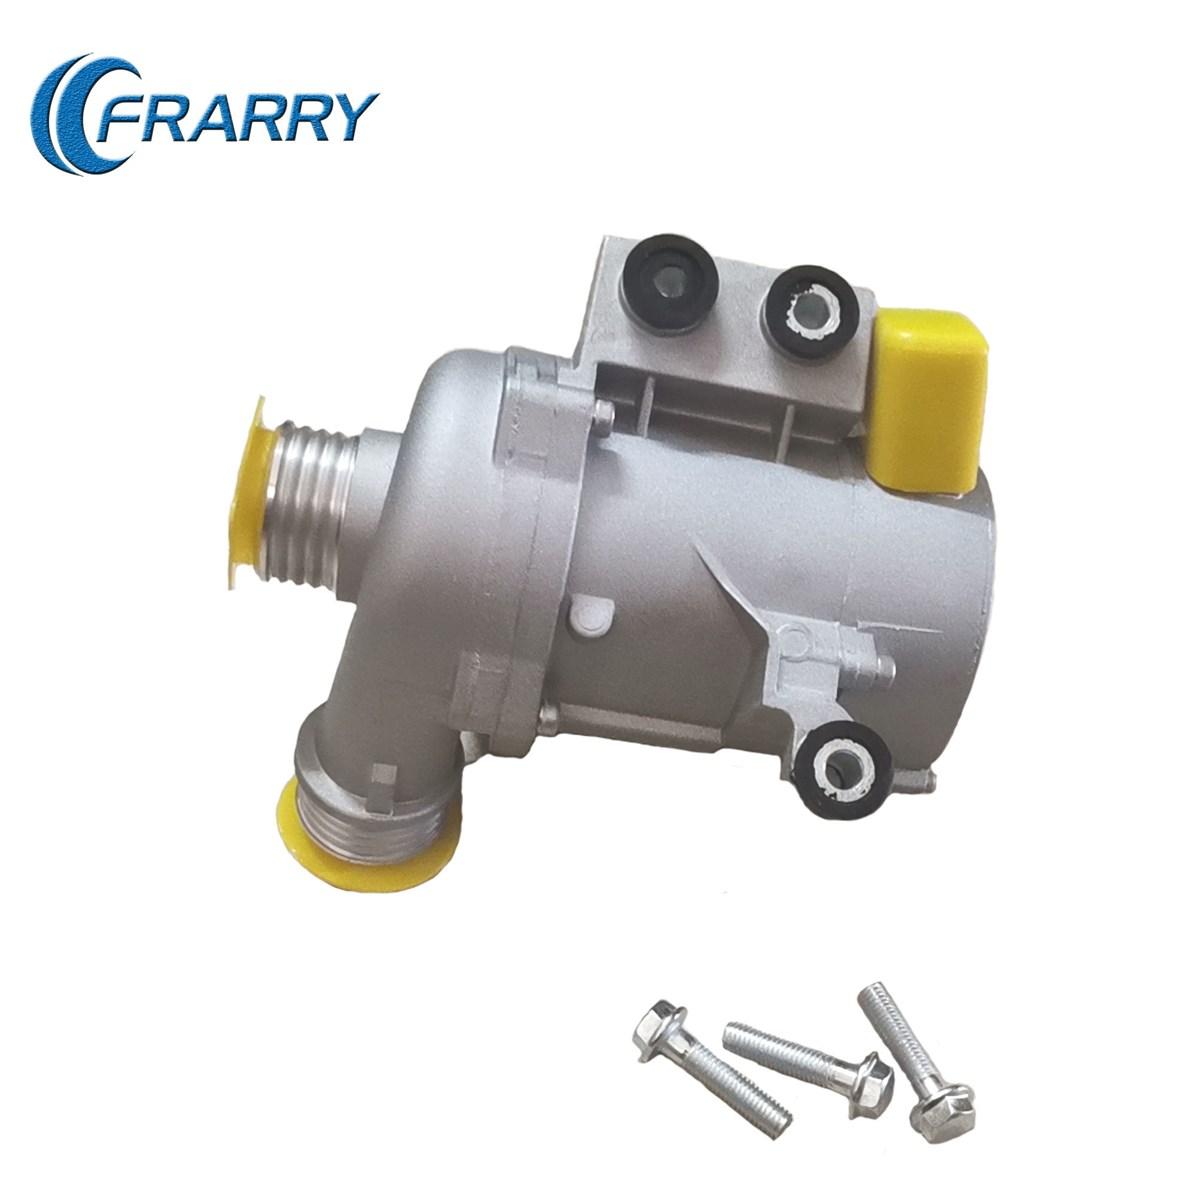 Electric Engine Water Pump 11517586925 11517545201 11517546994 For E63 E64 E65 E66 E67 E90 E91E92 E93 Frarry